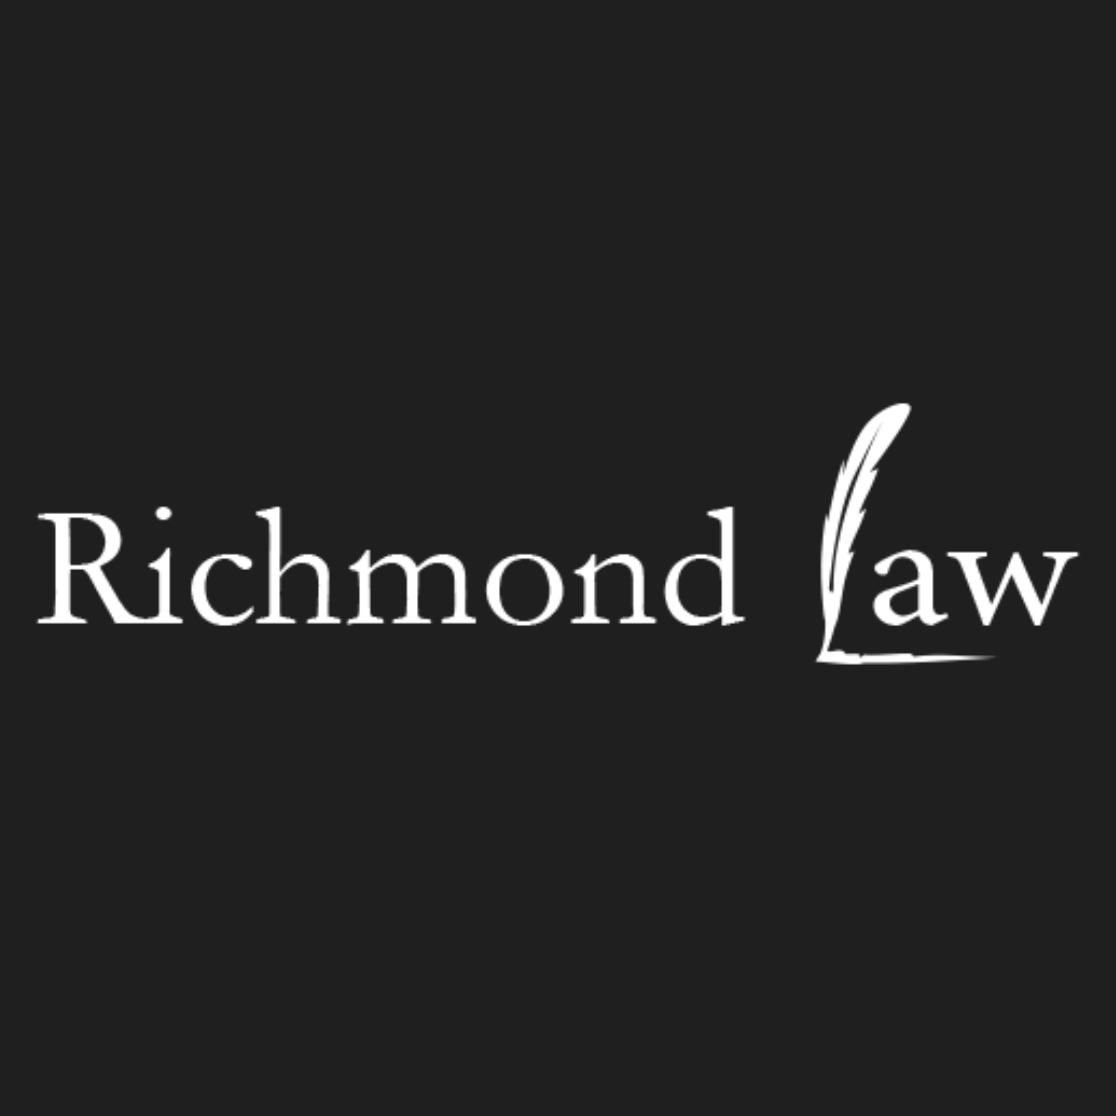 richmond law.png